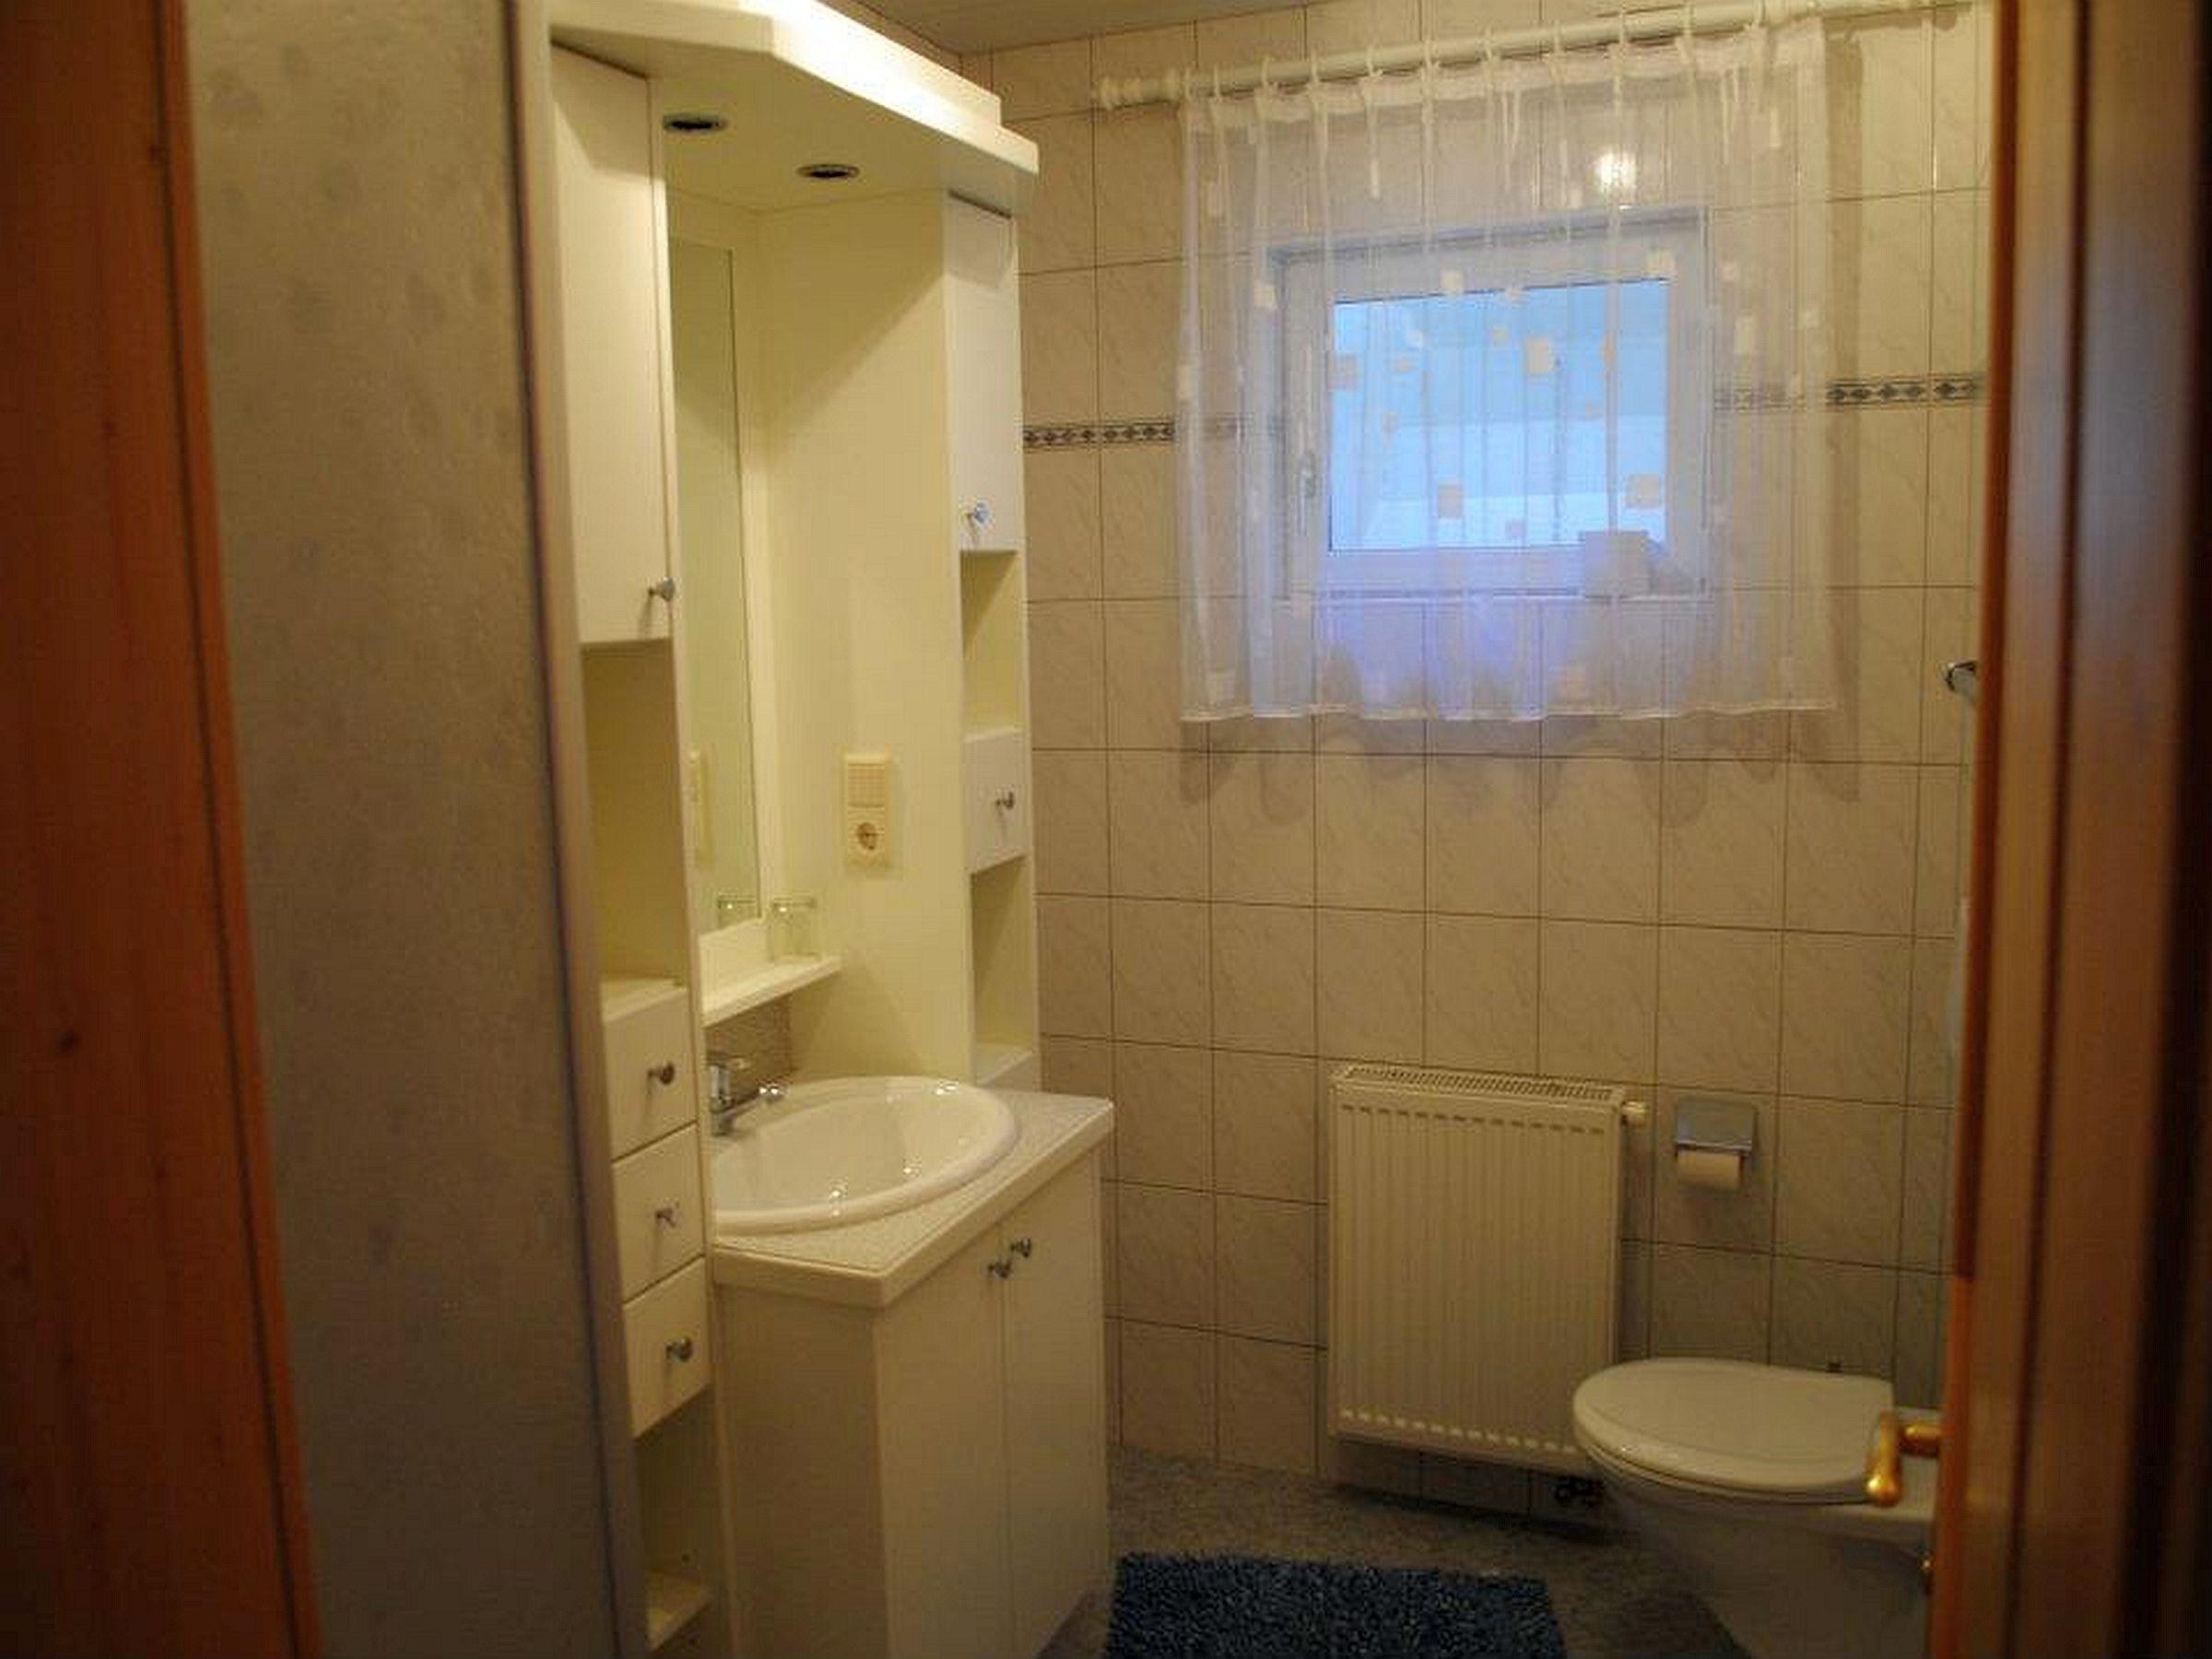 ferienwohnung maierhof flirsch ferienwohnung 60 qm 2 schlafzimmer max 5 personen st. Black Bedroom Furniture Sets. Home Design Ideas